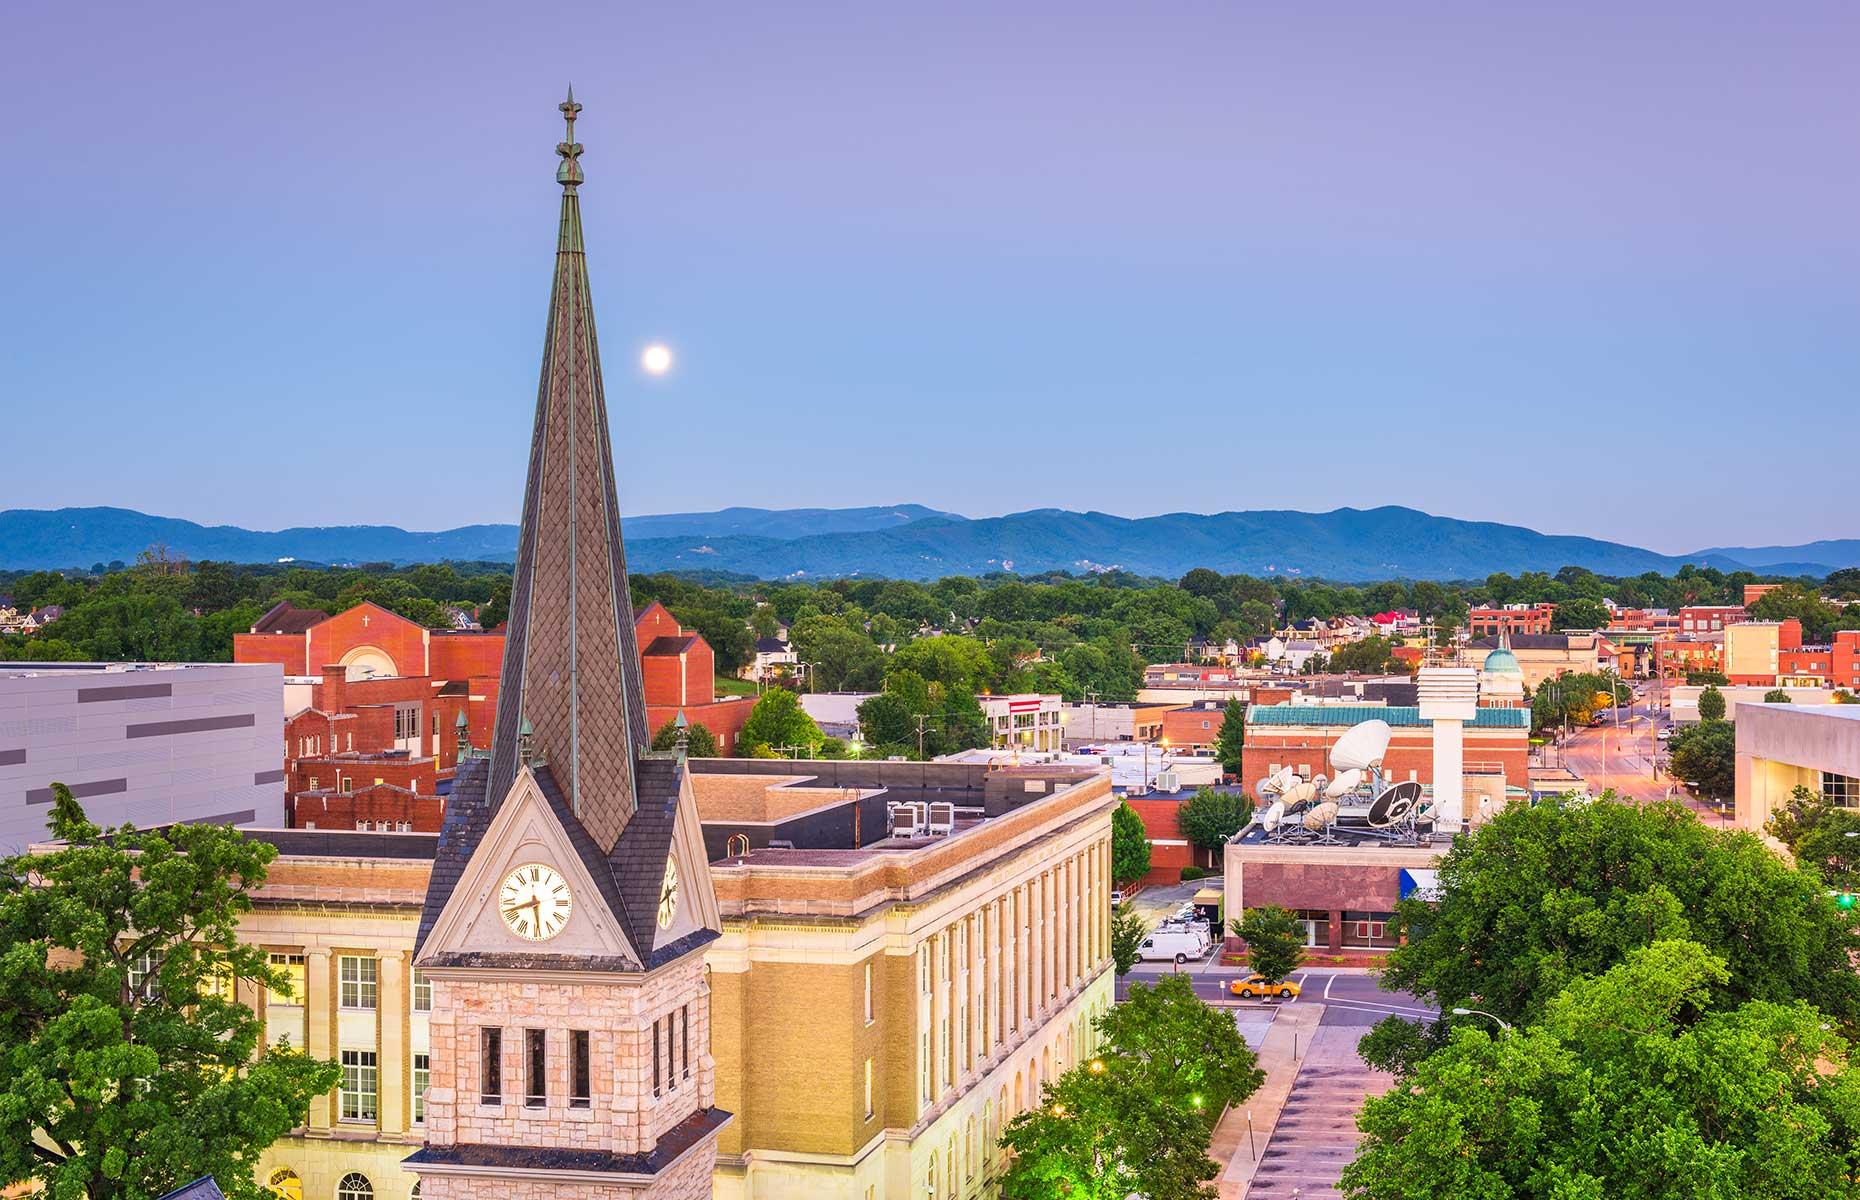 Roanoke, Virginia, Shutterstock